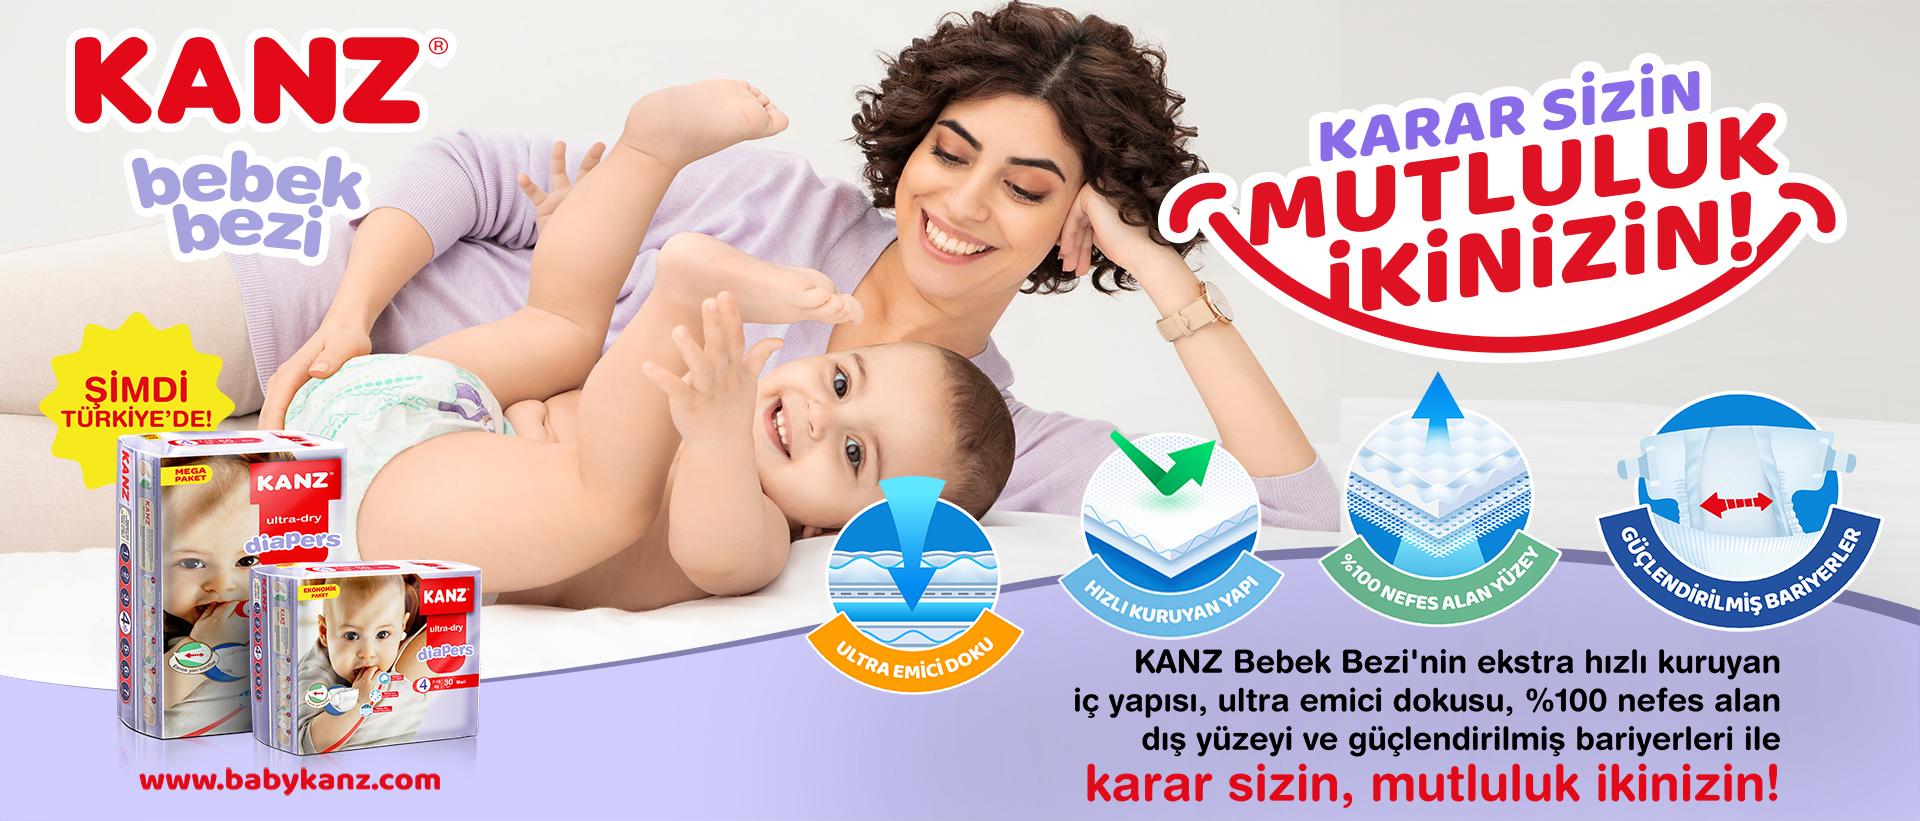 Kanz banner1